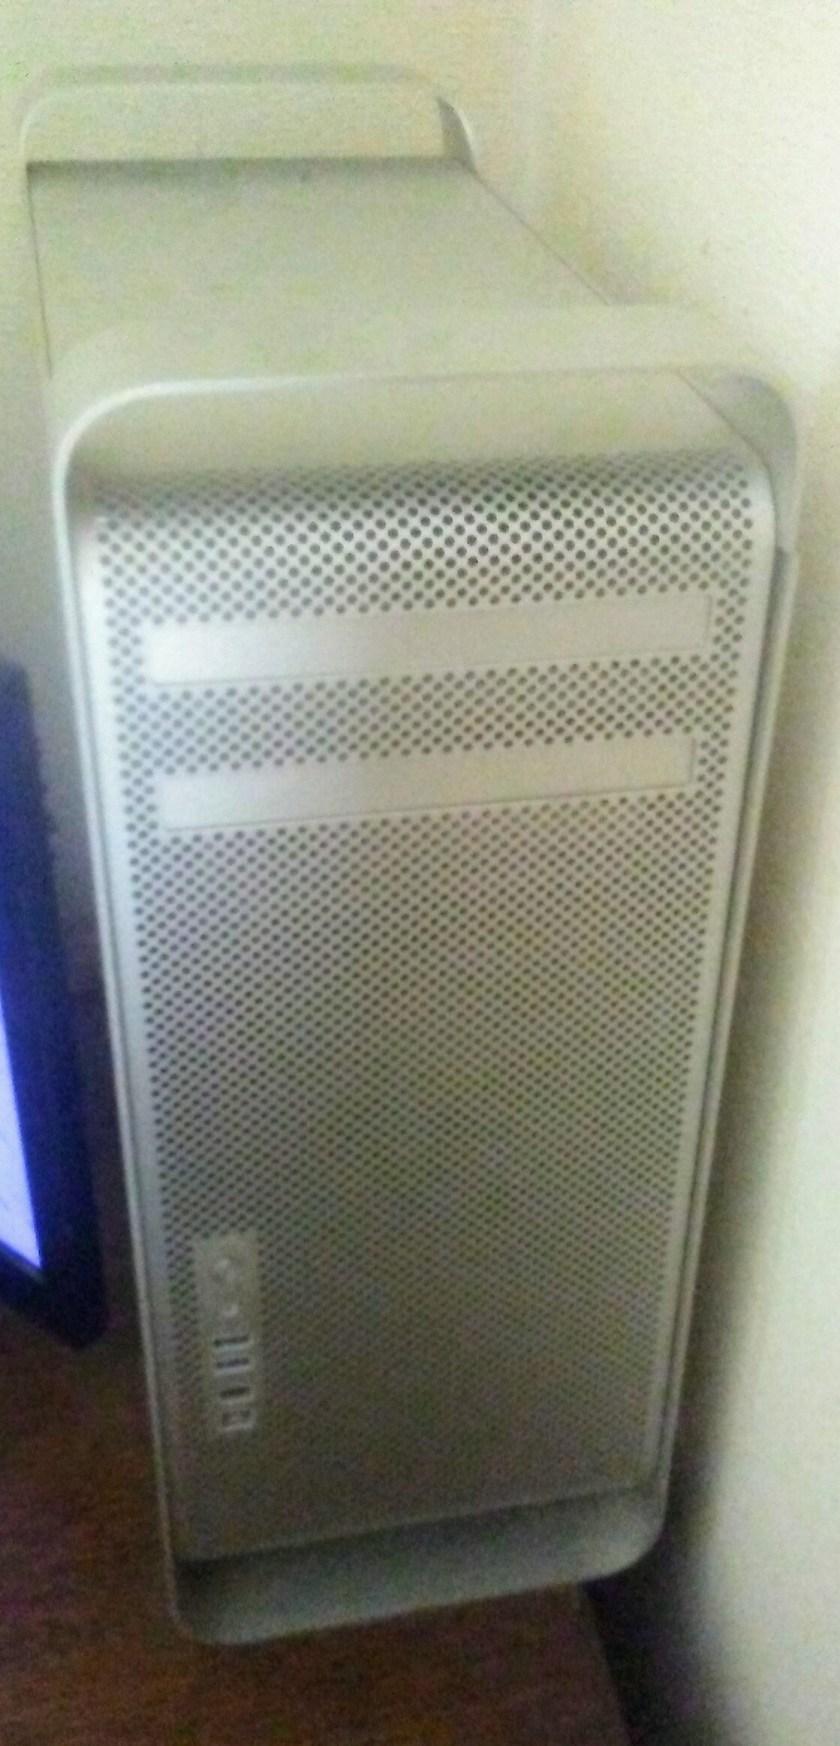 Mac pro di u 2008